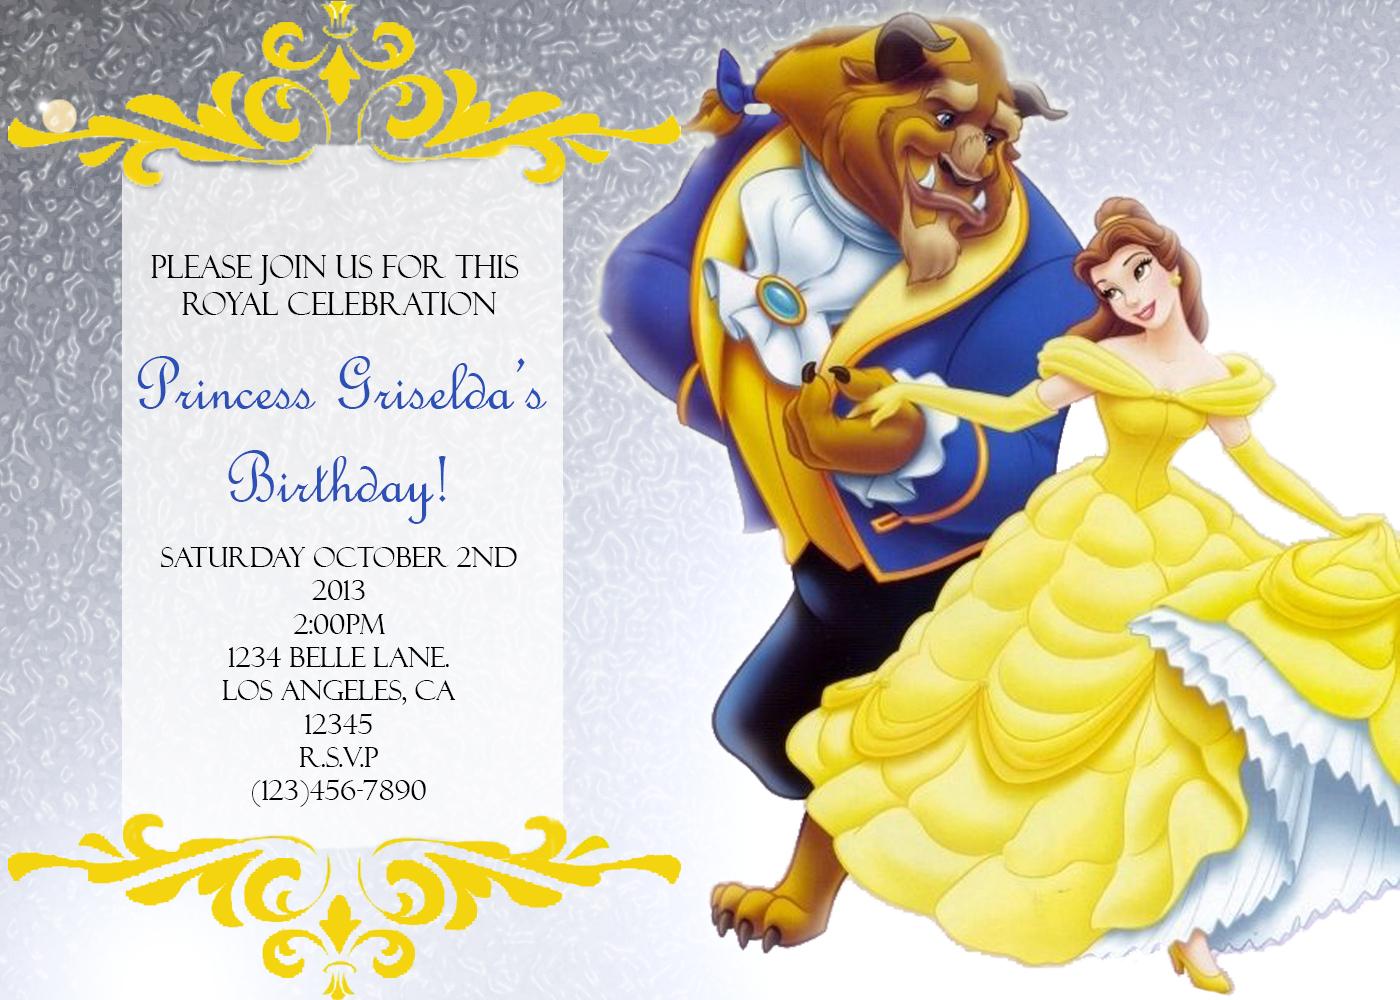 21St Invite Wording is good invitations sample